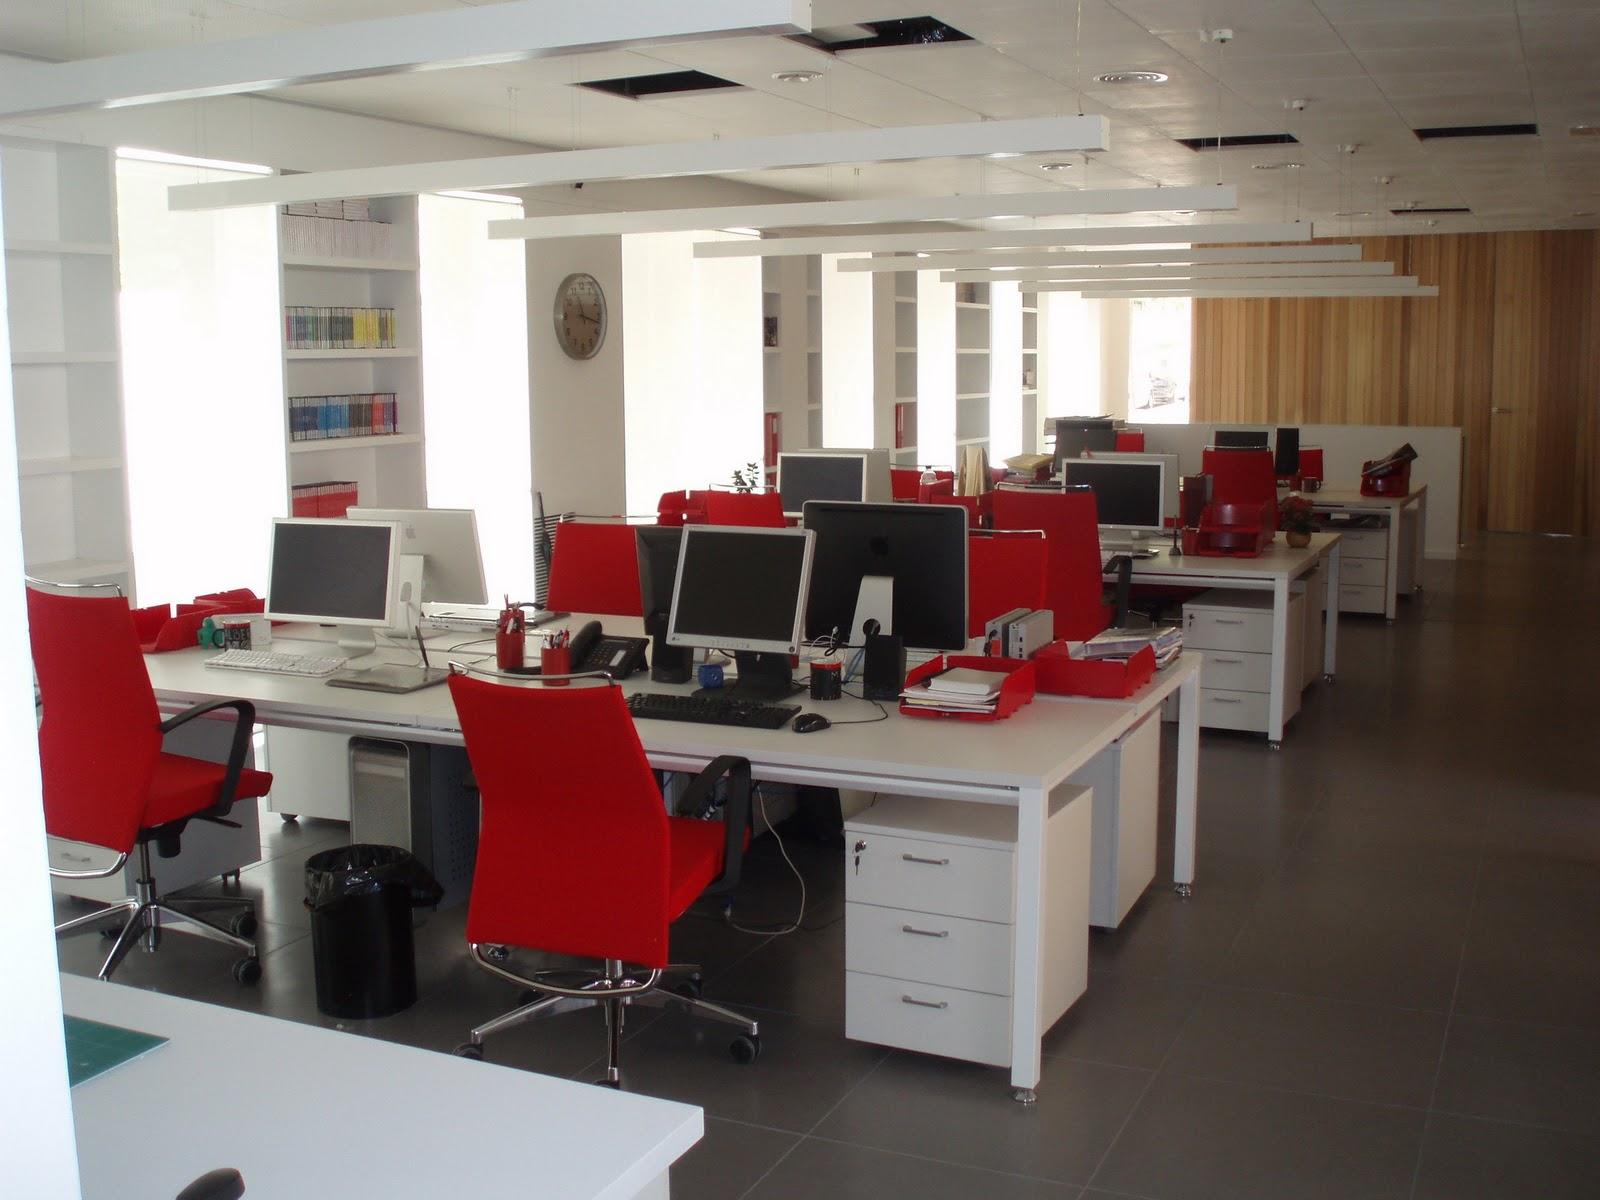 Arquitectura e ingenier a oficinas for Planos de oficinas modernas